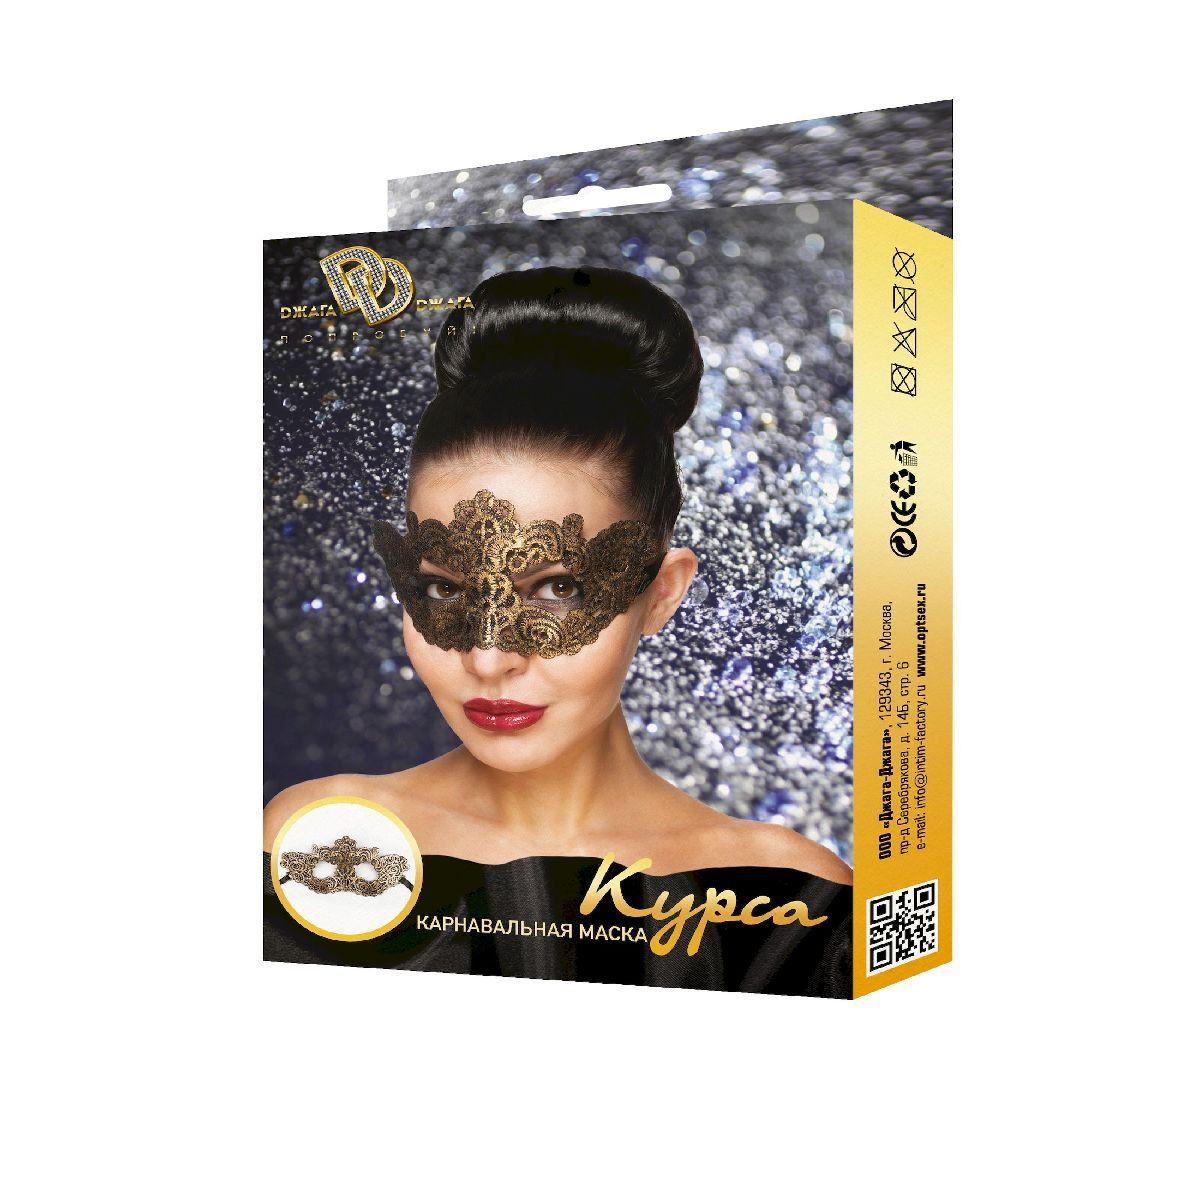 Золотистая карнавальная маска  Курса